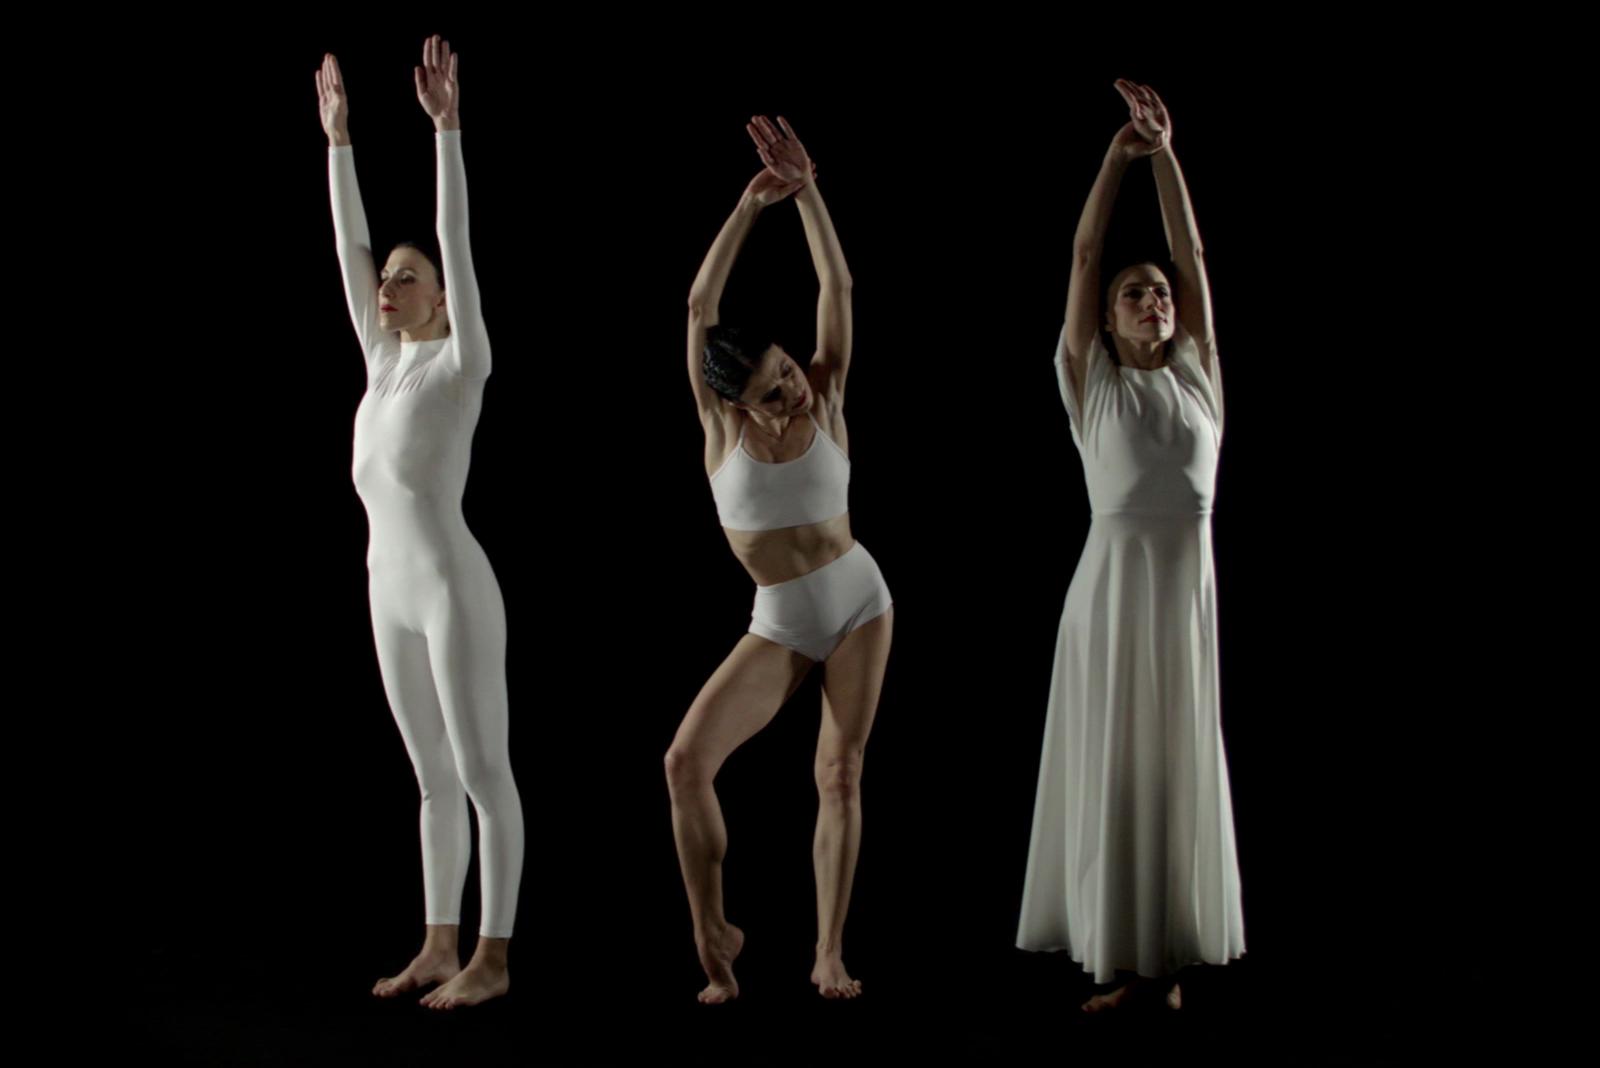 Recreación coreográfica de la técnica de la caída de Doris Humphrey ©FundacionTelefonica